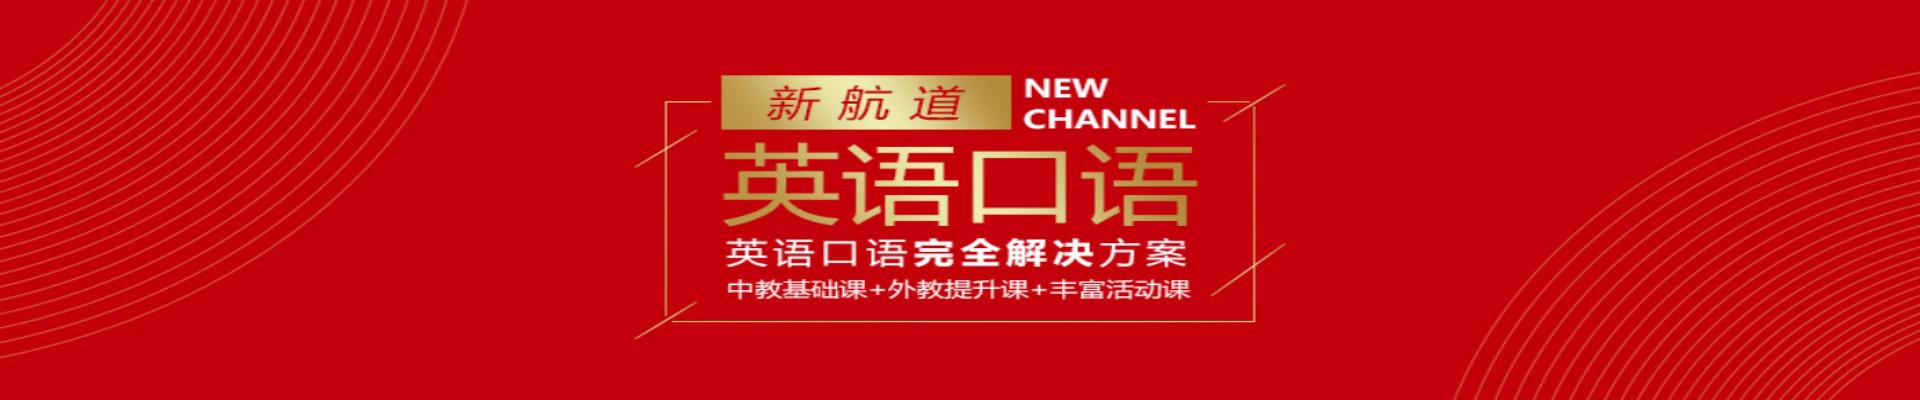 武汉湖大新航道英语培训